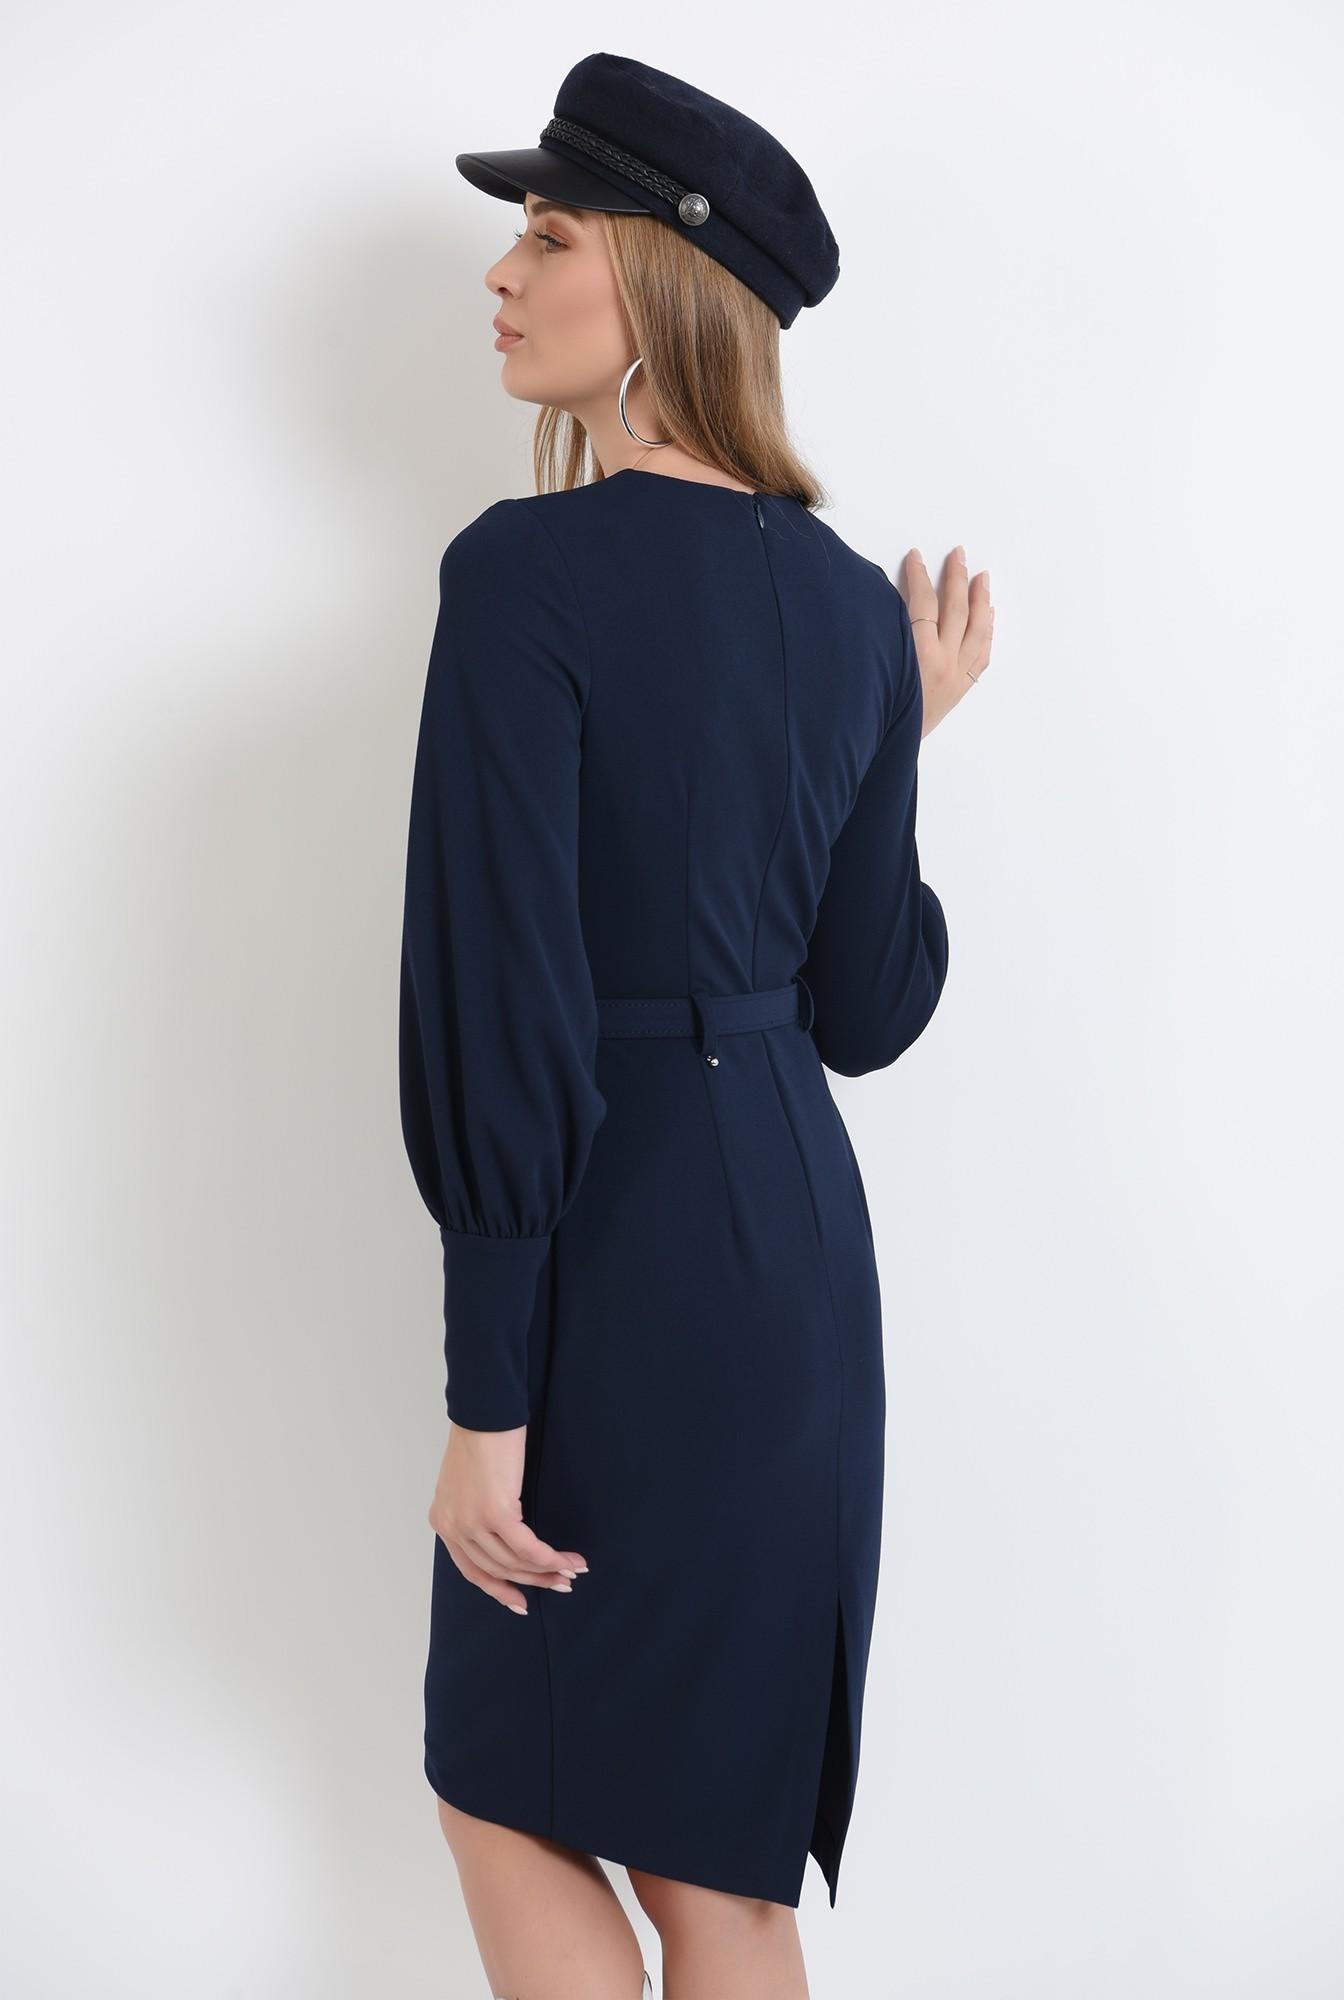 0 - 360 - rochie bleumarin, midi, cu slit la spate, cu centura